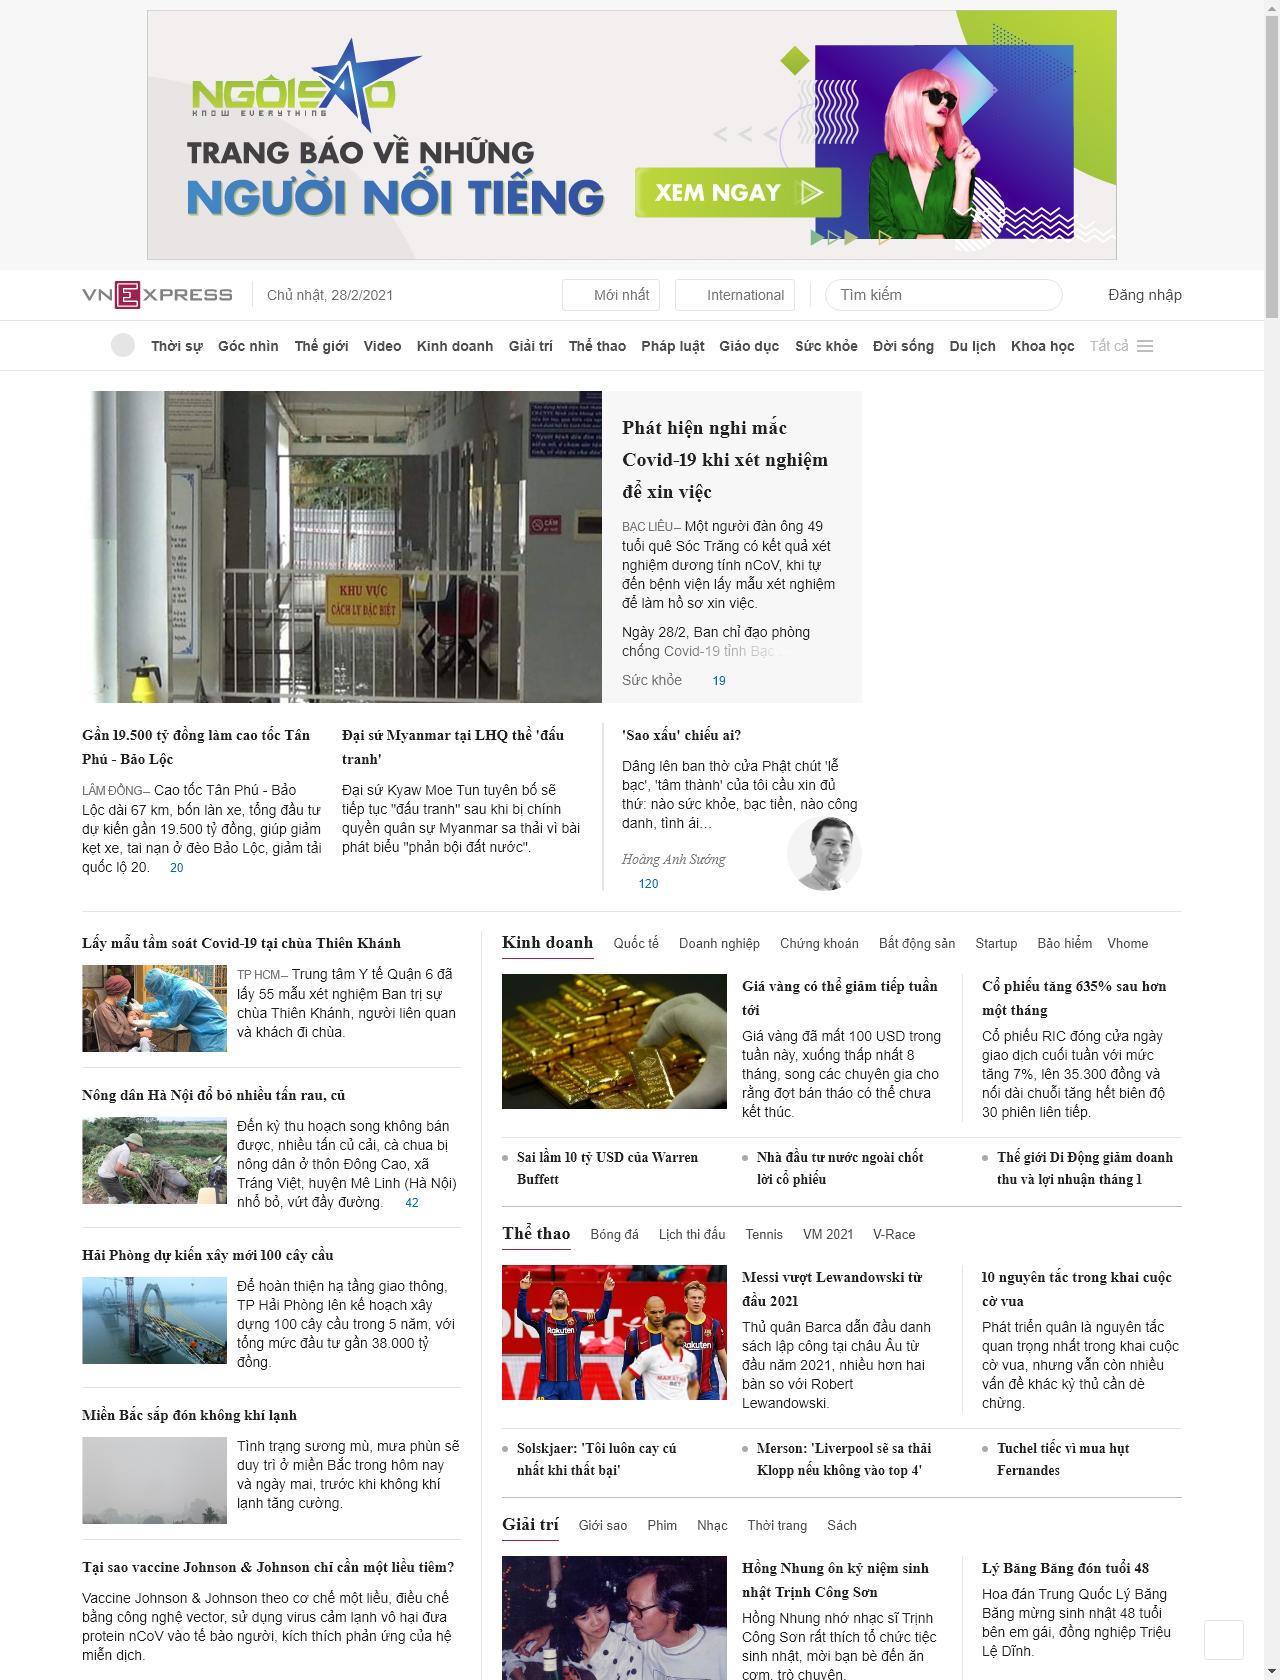 Screenshot Desktop - https://vnexpress.net/